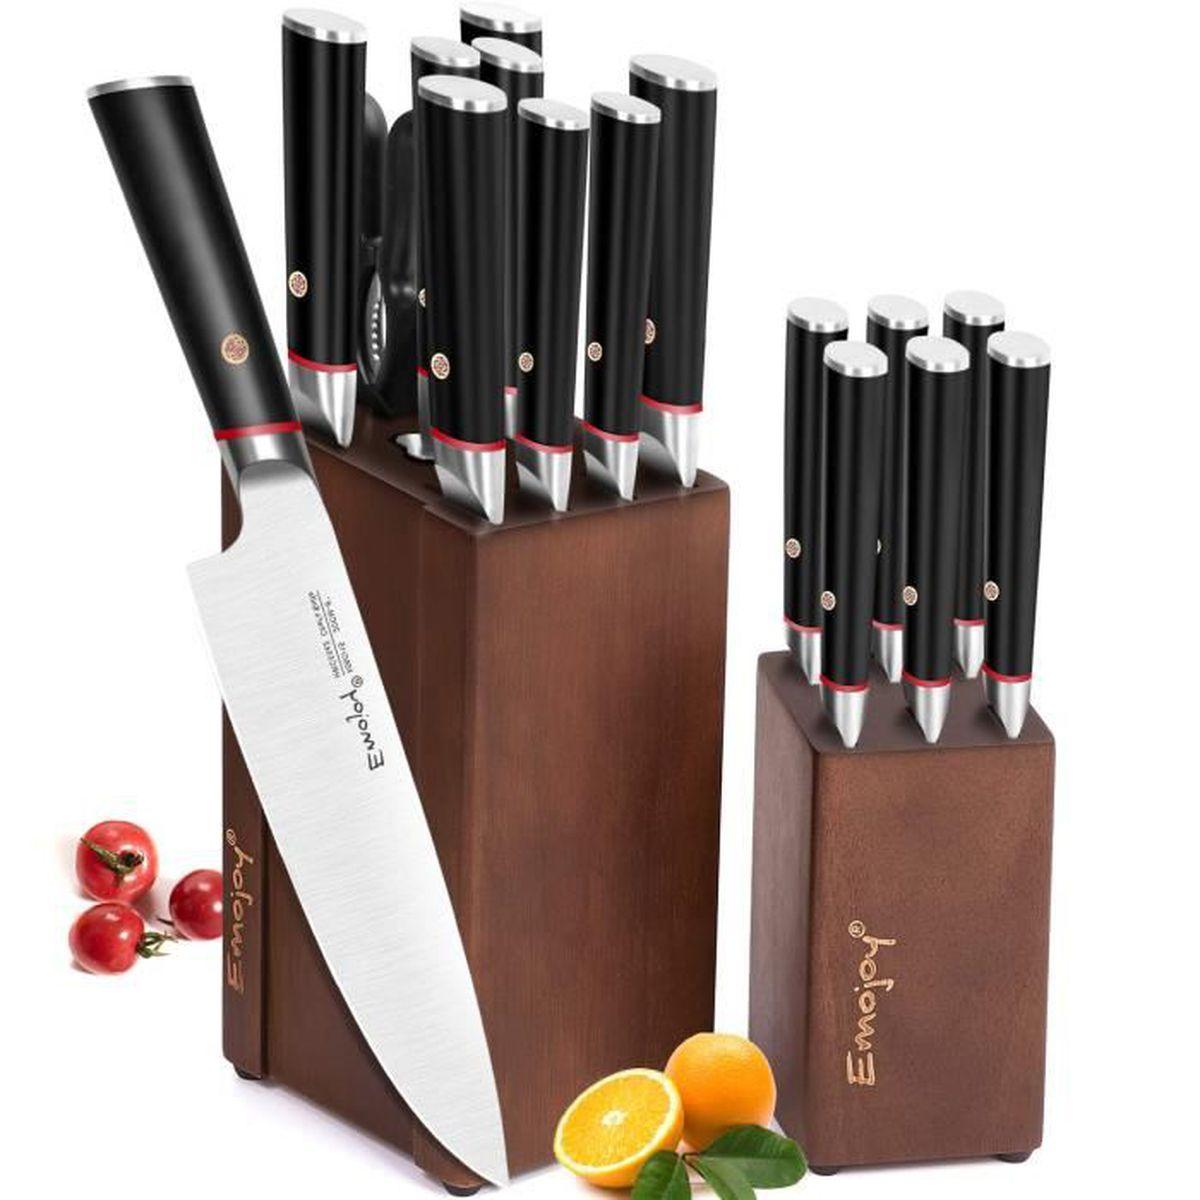 Bloc De Couteau Cuisine Professionnel Lot De Couteaux En Allemand